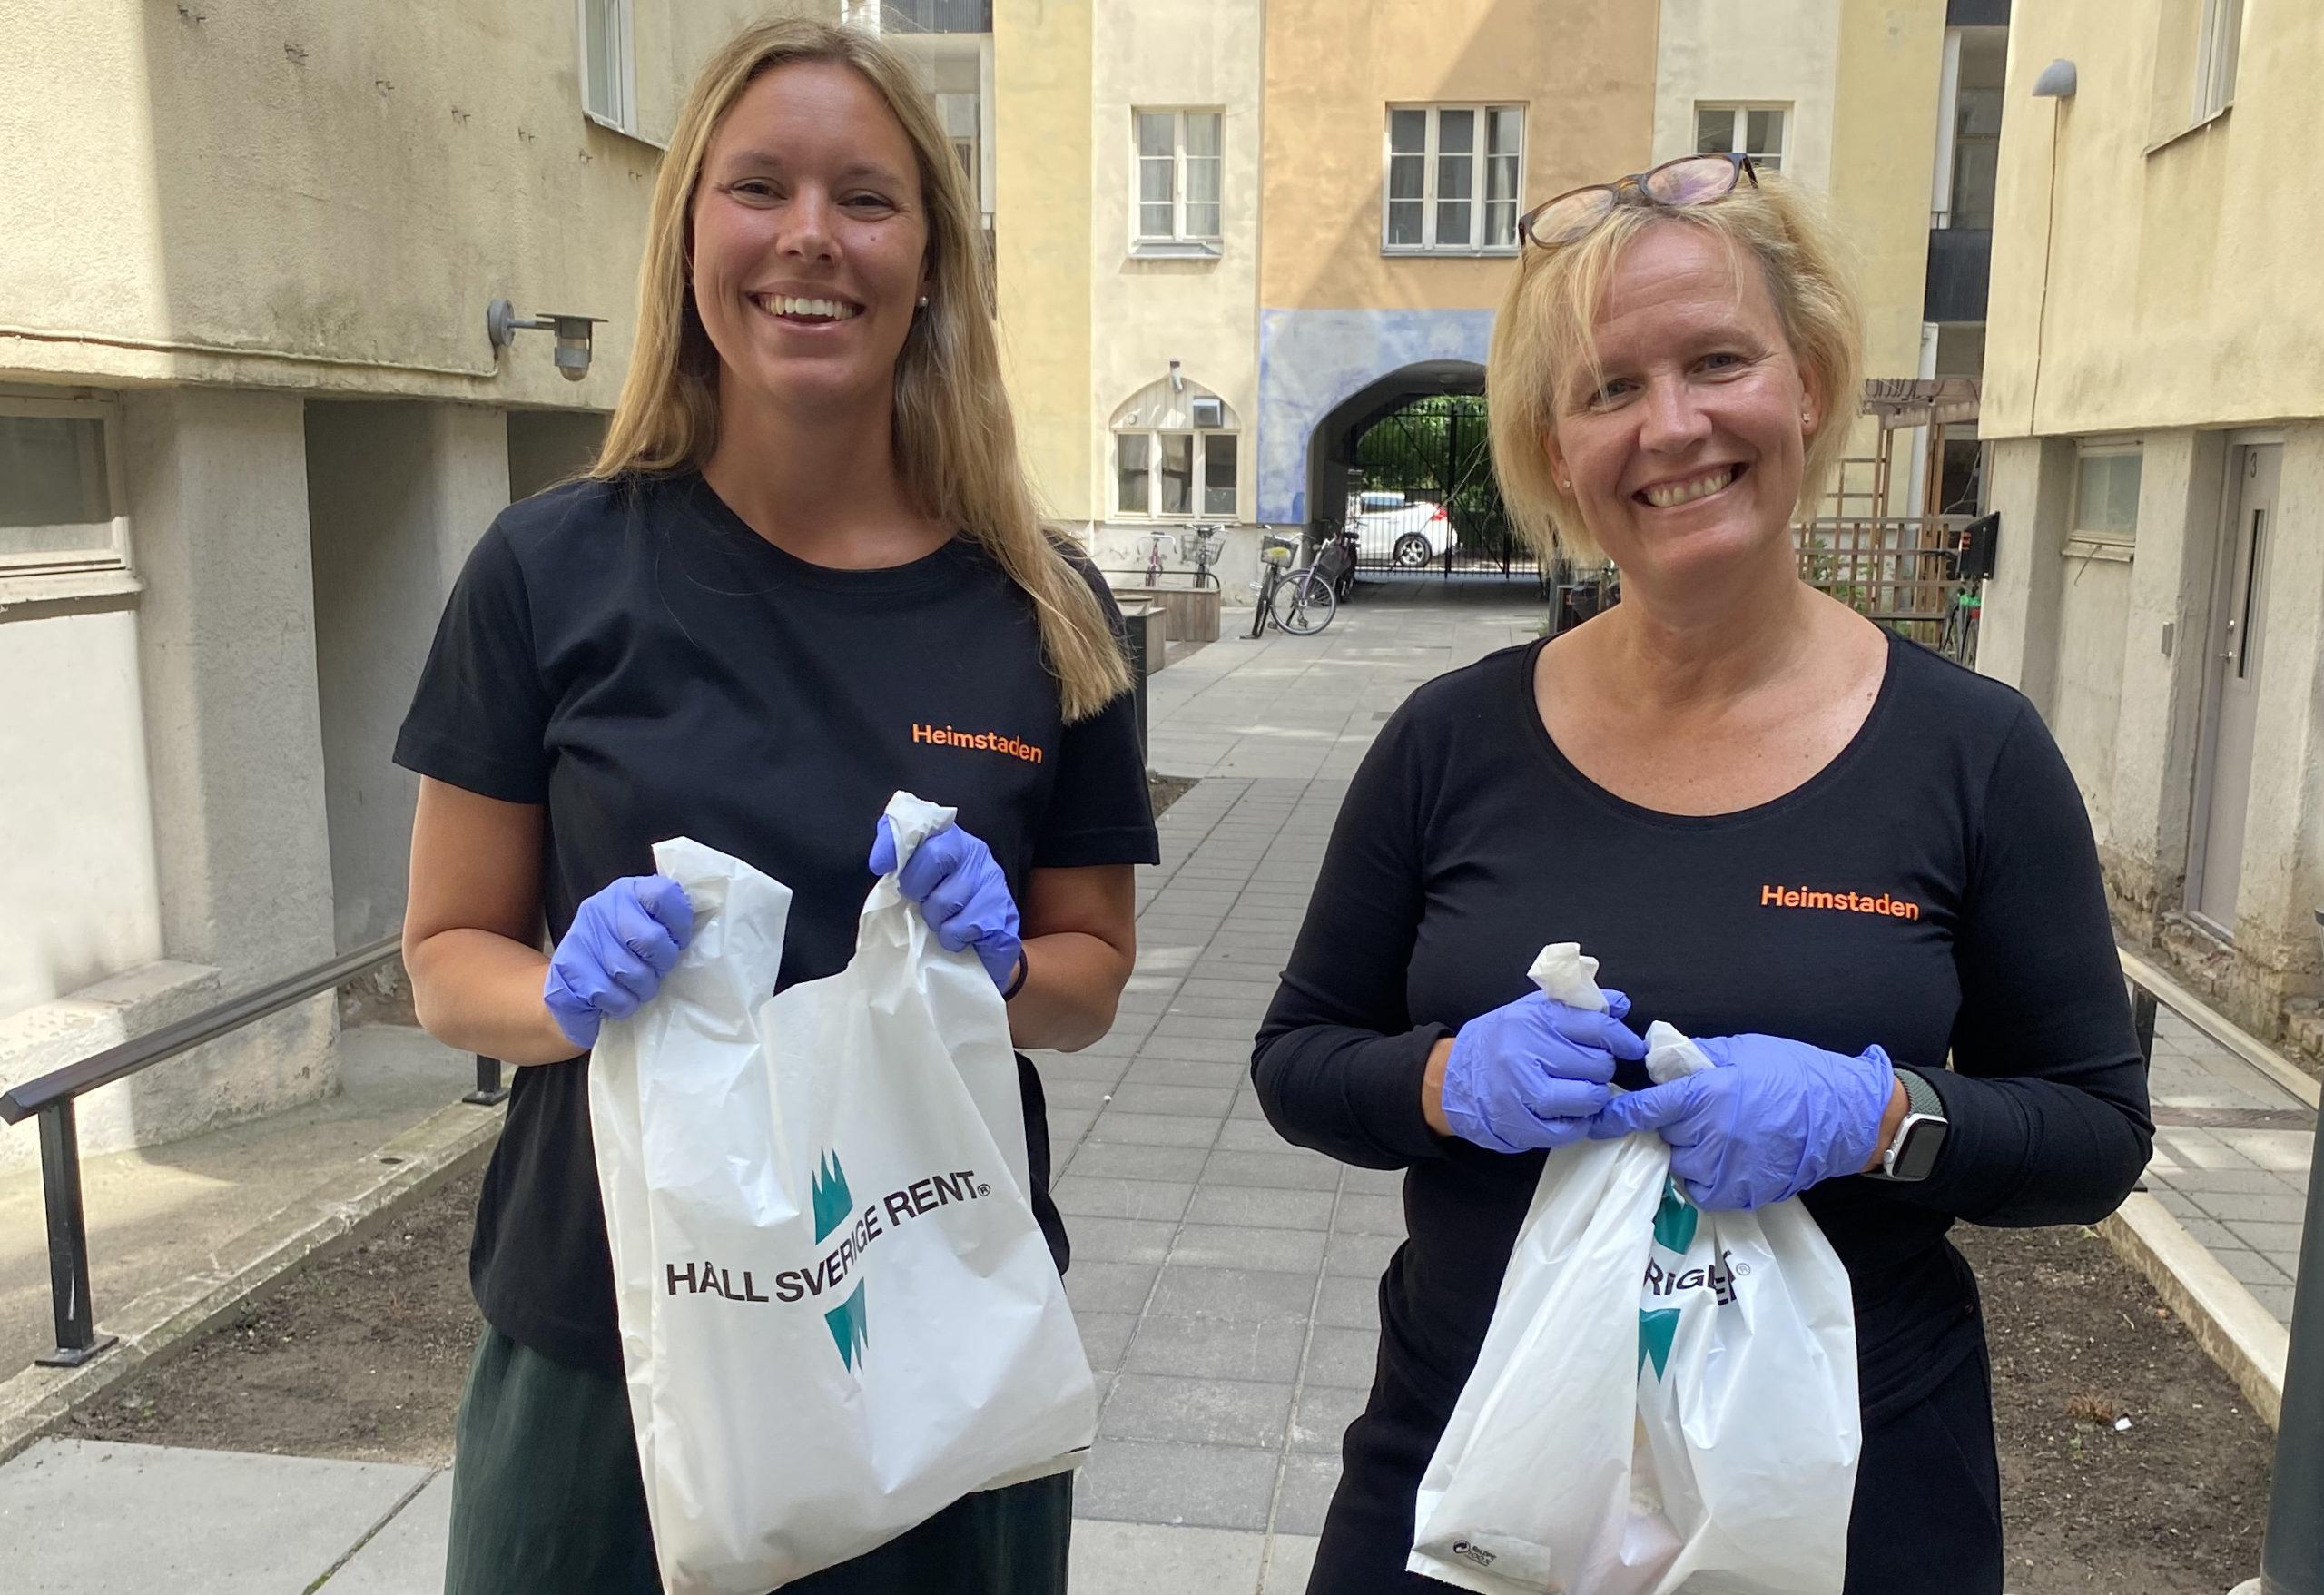 Två kvinnor med svarta tröjor som det står Heimstaden på, står med en påse i handen som det står Håll Sverige rent på.